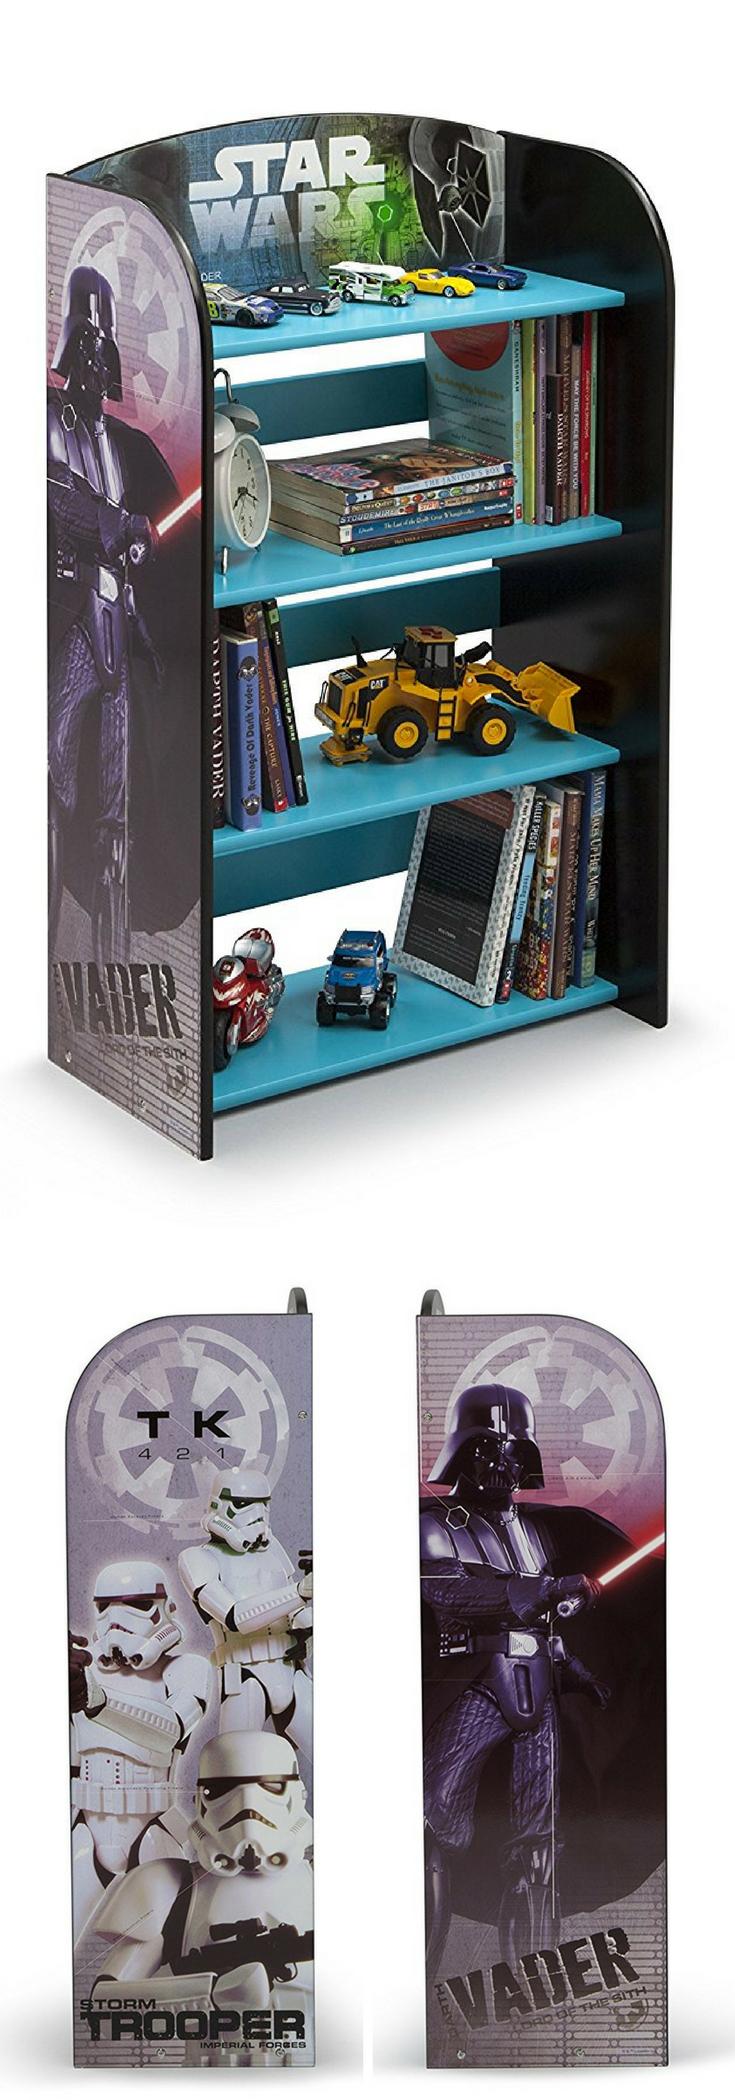 Star Wars Kinderzimmer Regal Spielzeugregal Yoda Stormtrooper